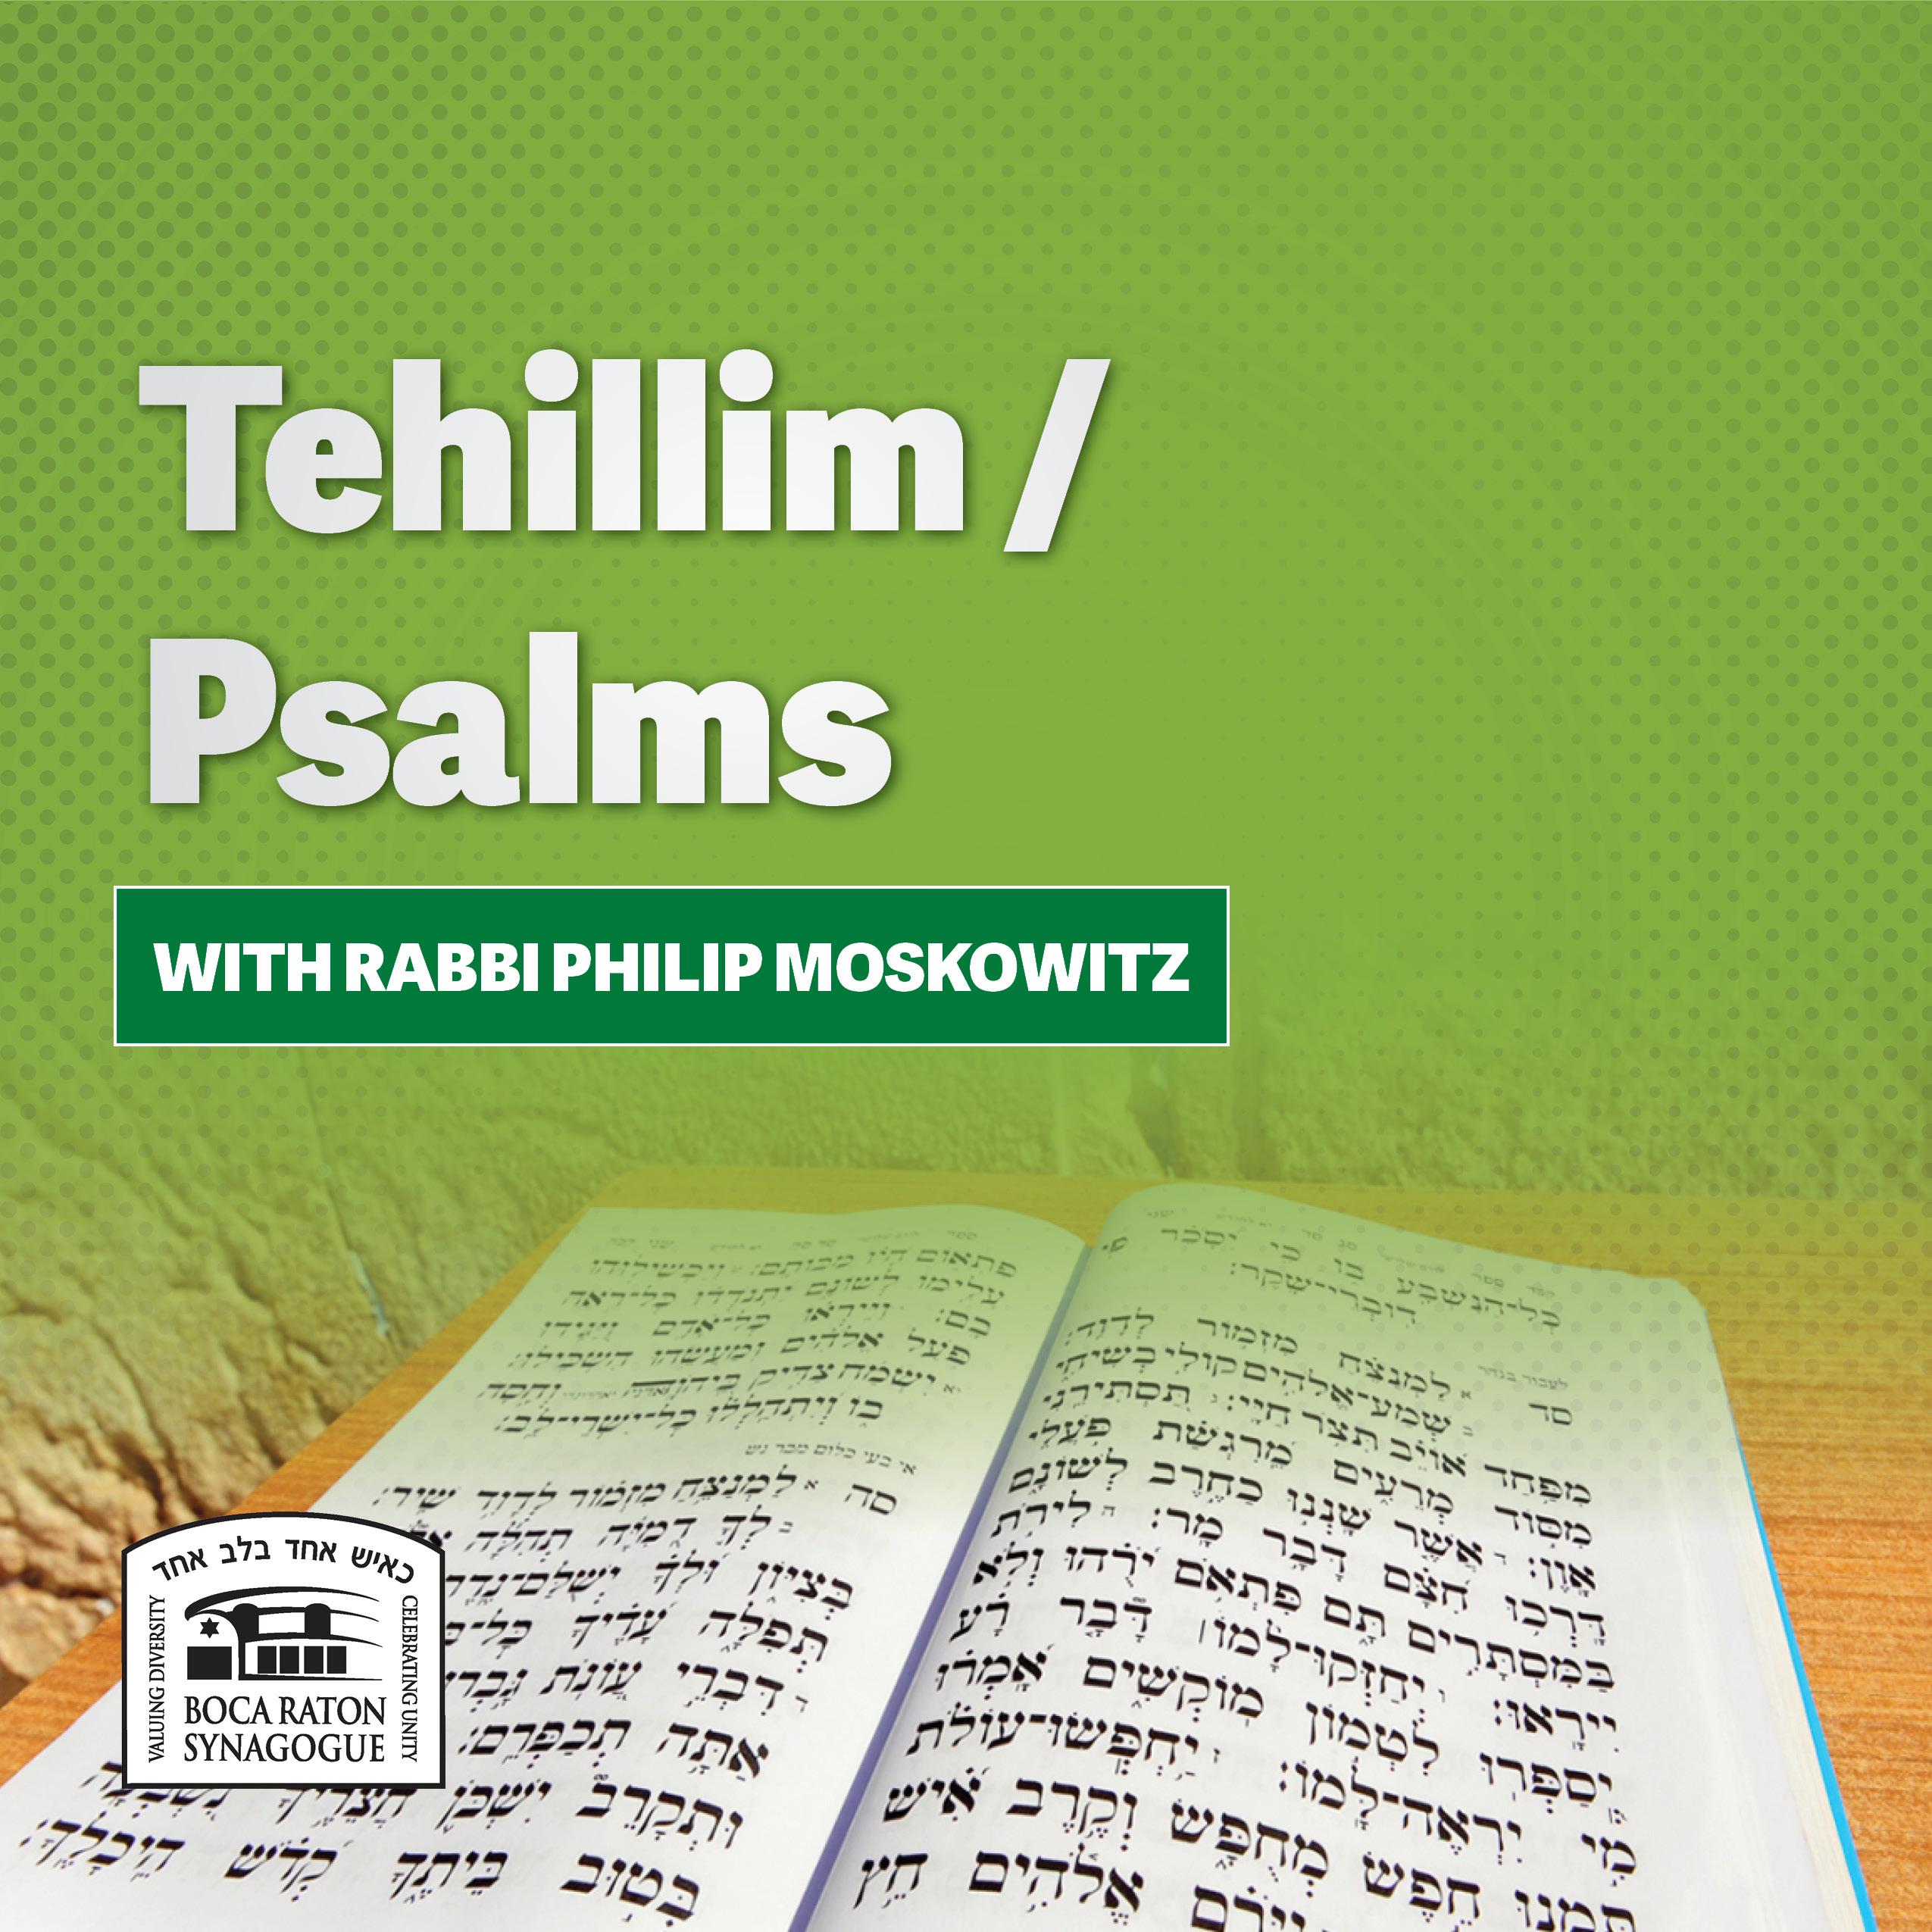 Listen: Tehillim / Psalms